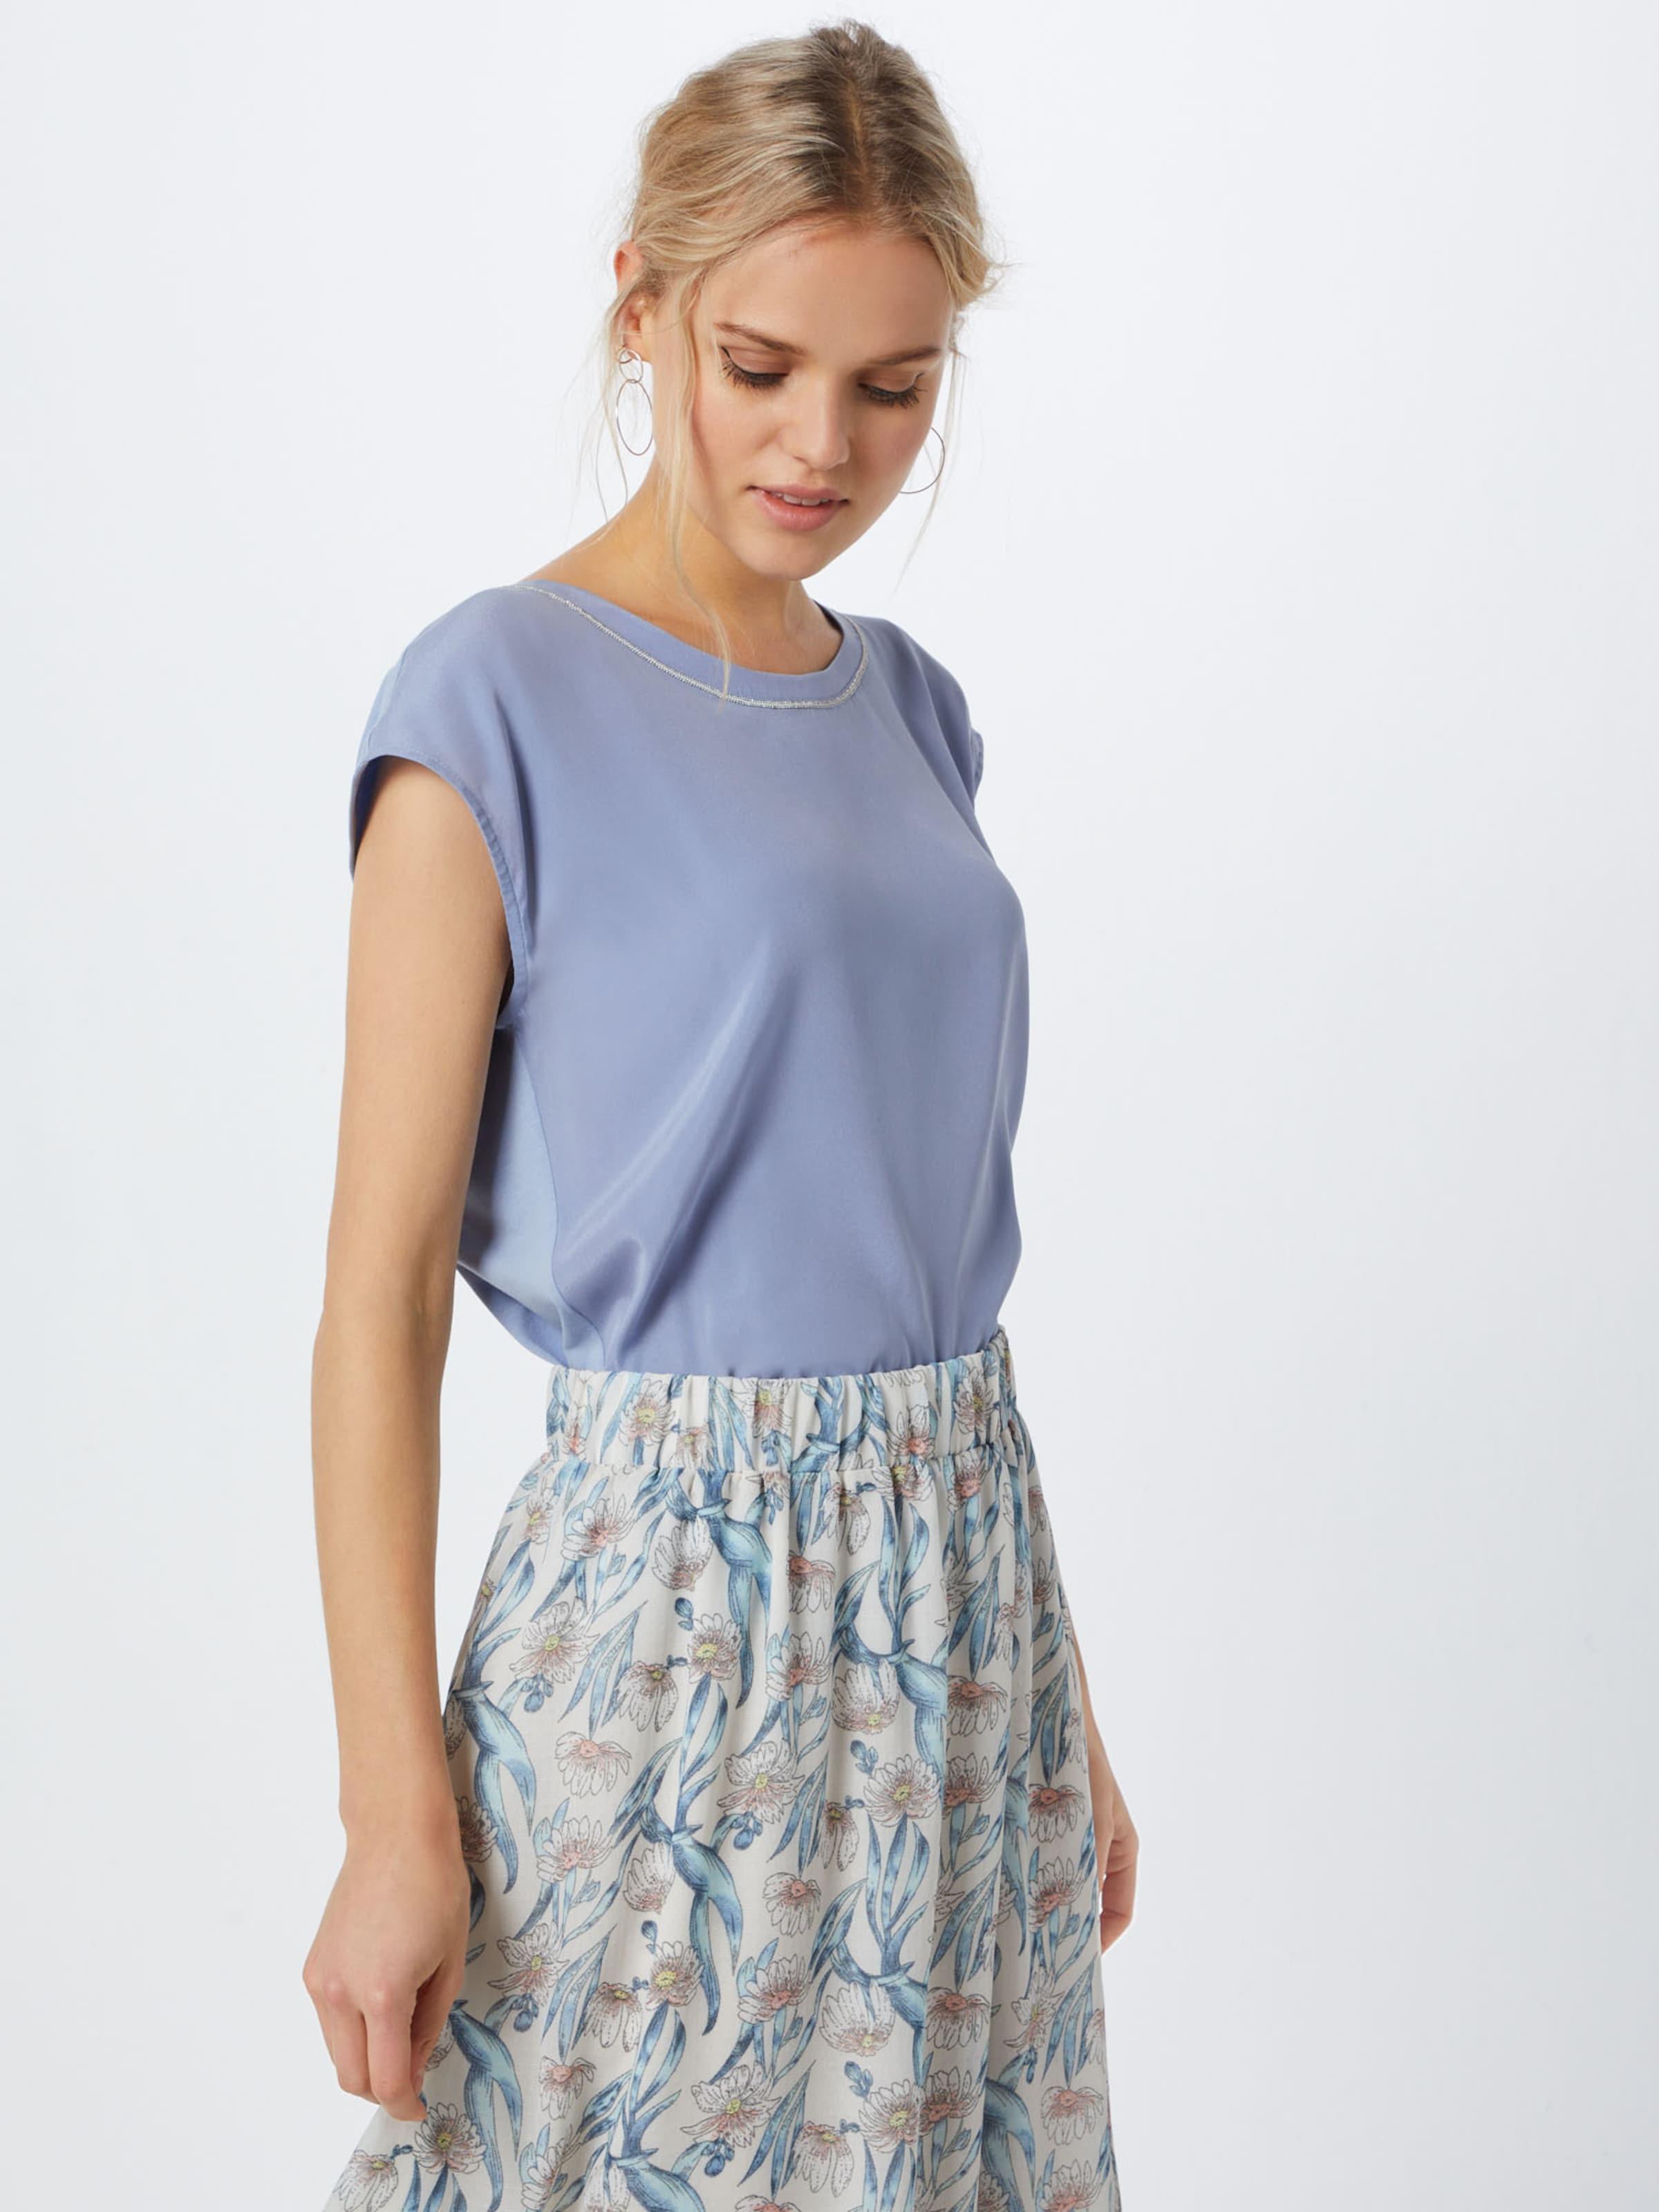 T '41028' En Laurel shirt Rose 4A53RjL